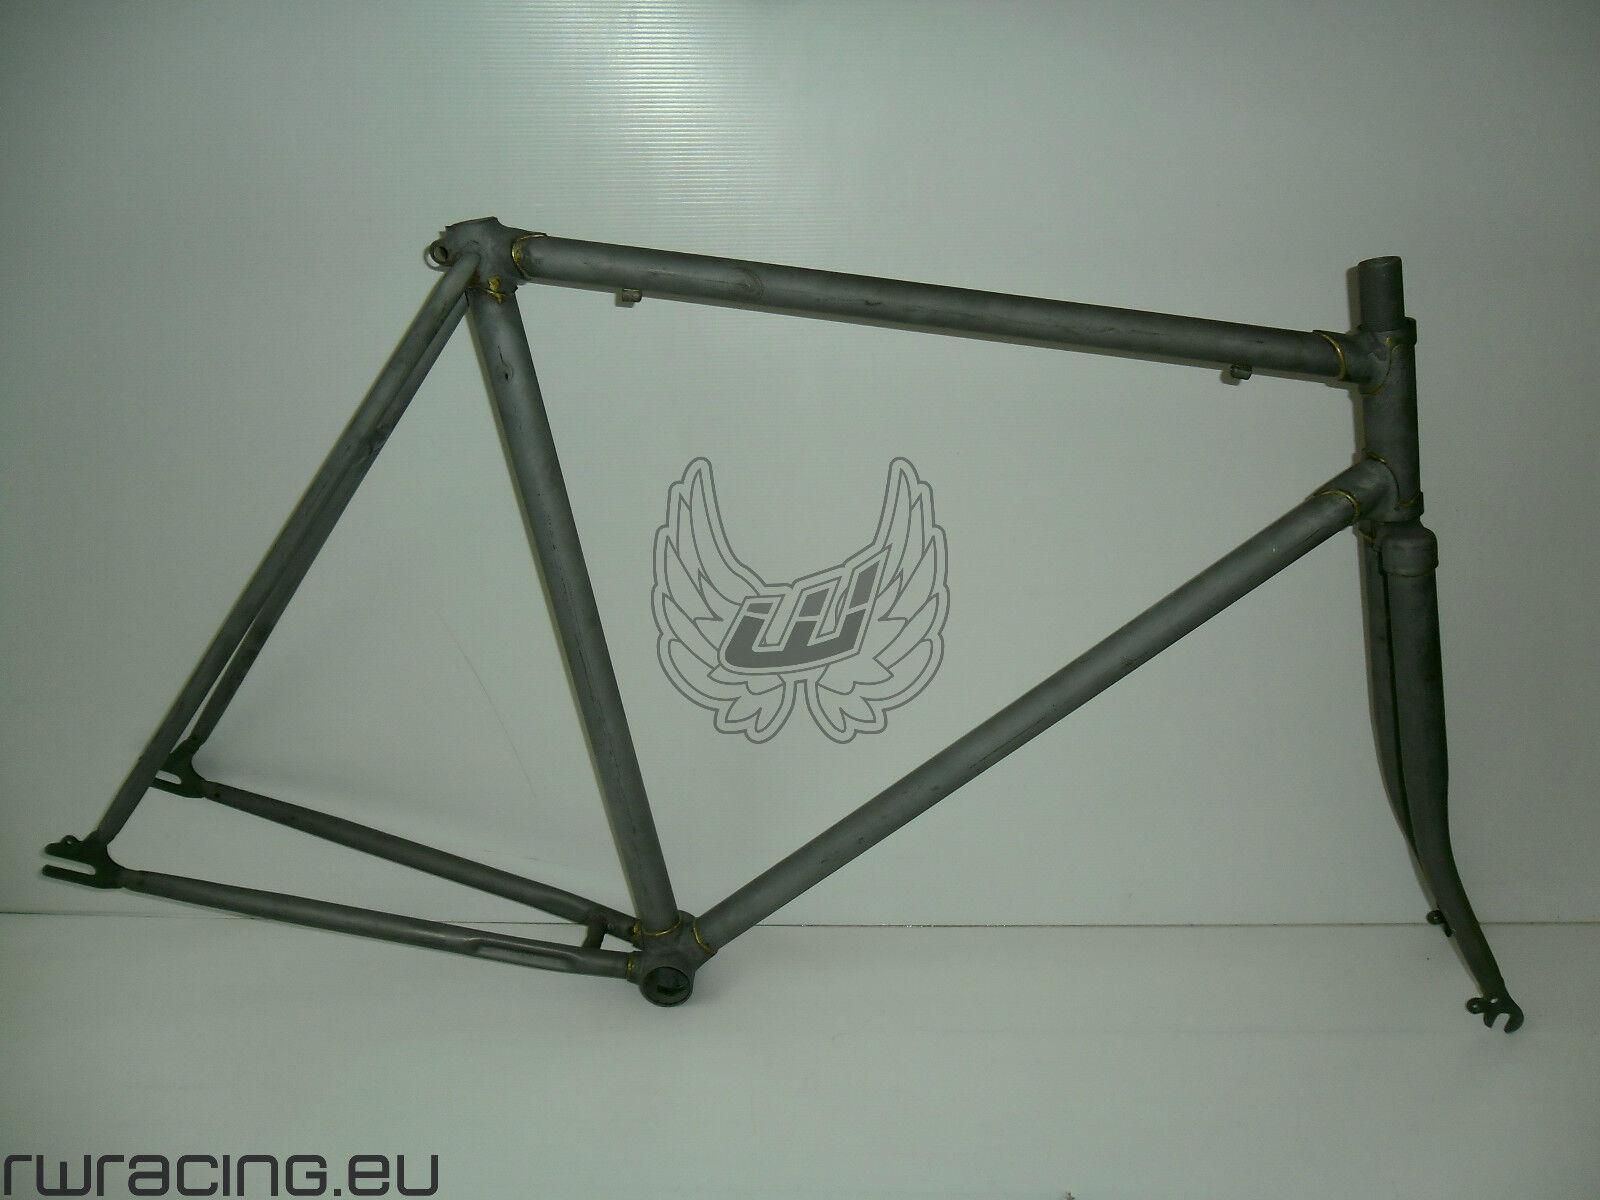 Telaio fixed grezzo con forcella  per ruote da 28 o 700  raw fixed frame